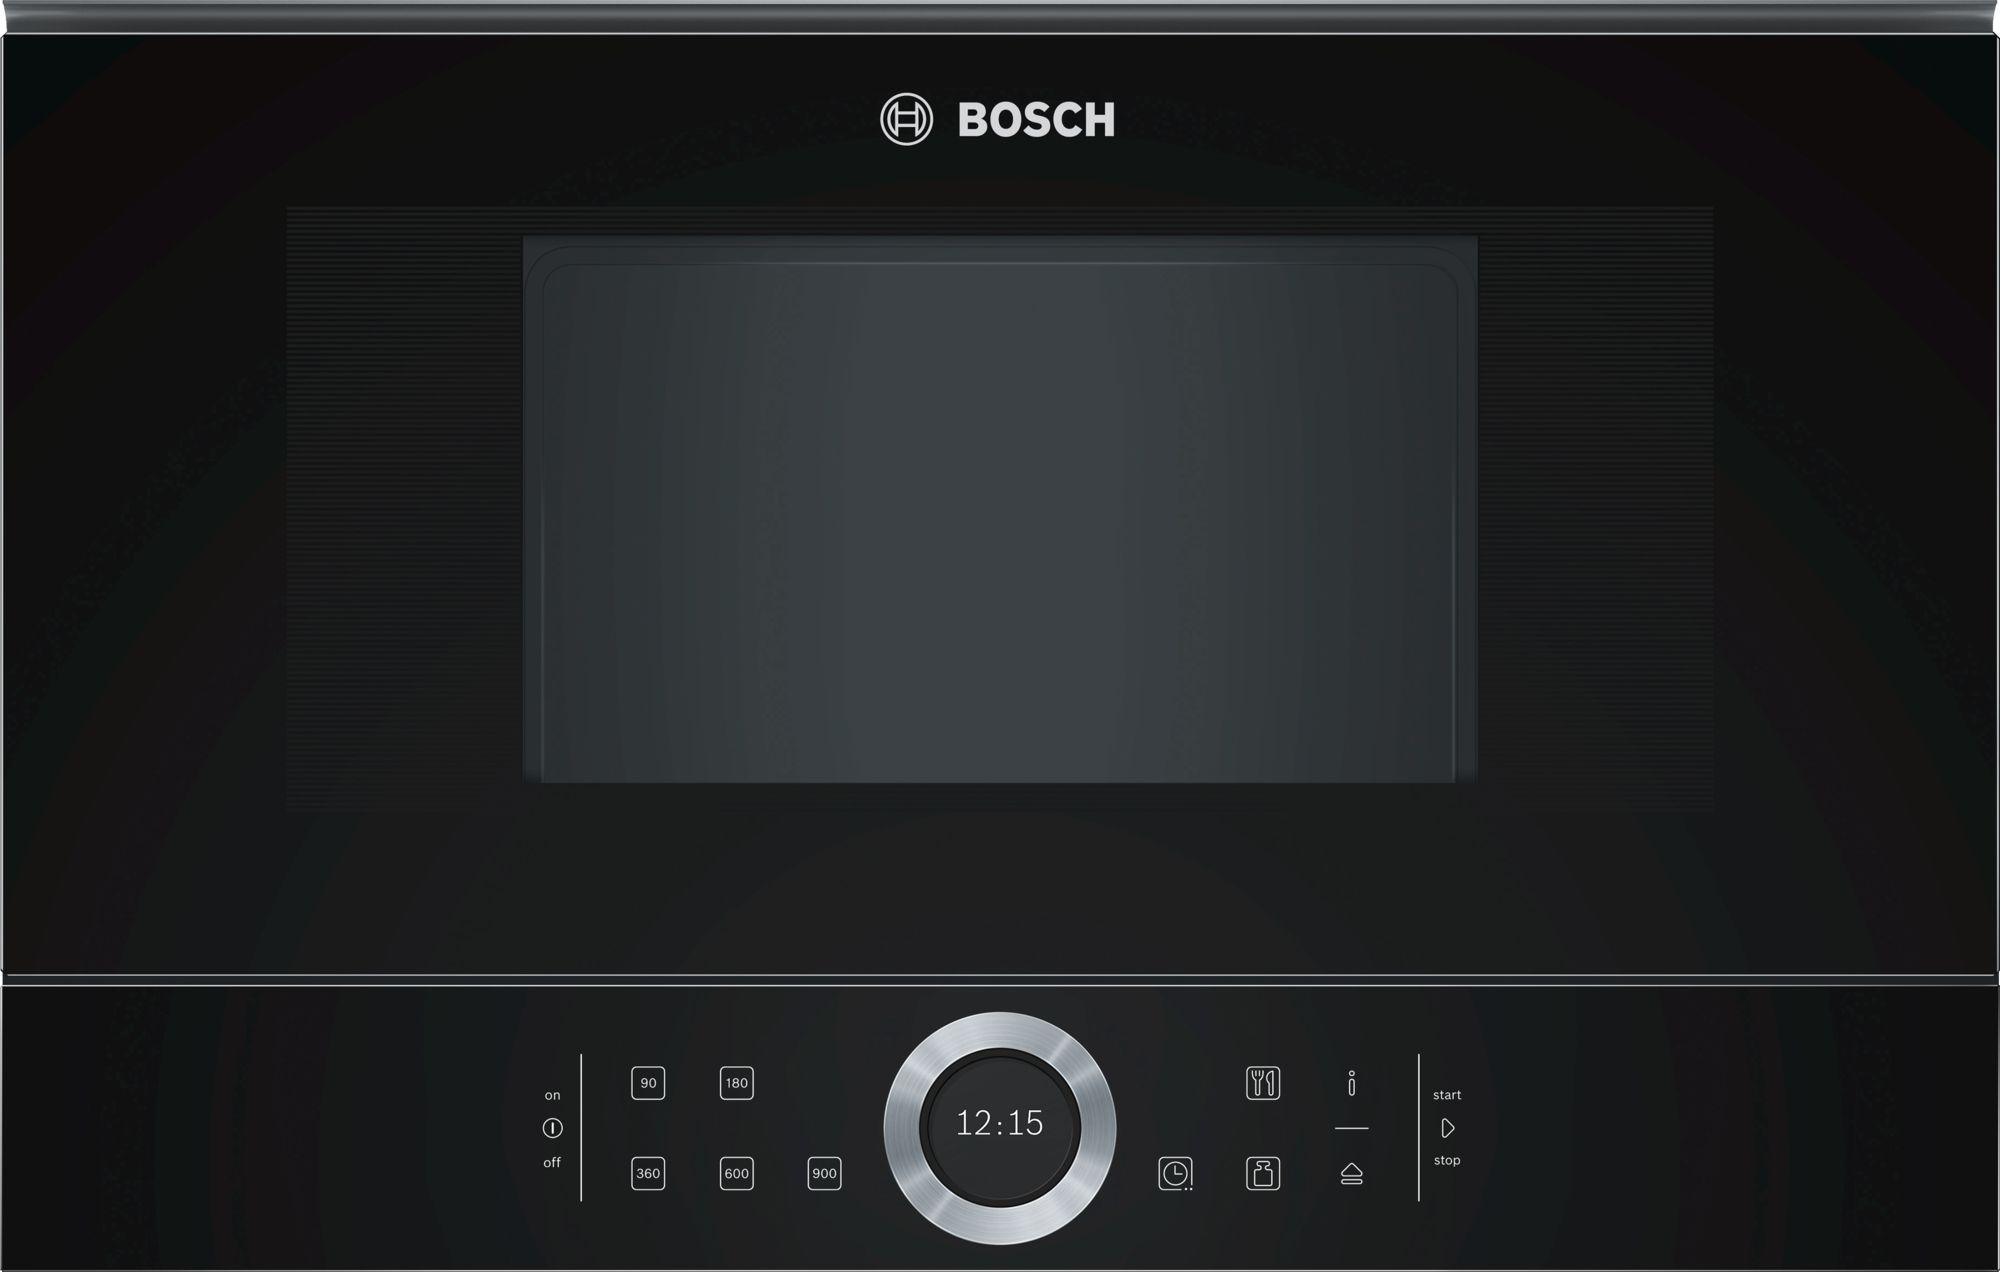 Lò vi sóng Bosch BFL634GB1, lò vi sóng, lo vi song, lò vi sóng Bosch, lò vi sóng Bosch giá rẻ, lò vi sóng Bosch giá rẻ tại TPHCM, lò vi sóng giá rẻ, lò viba, lò vi sóng giá rẻ, lò vi sóng âm tủ